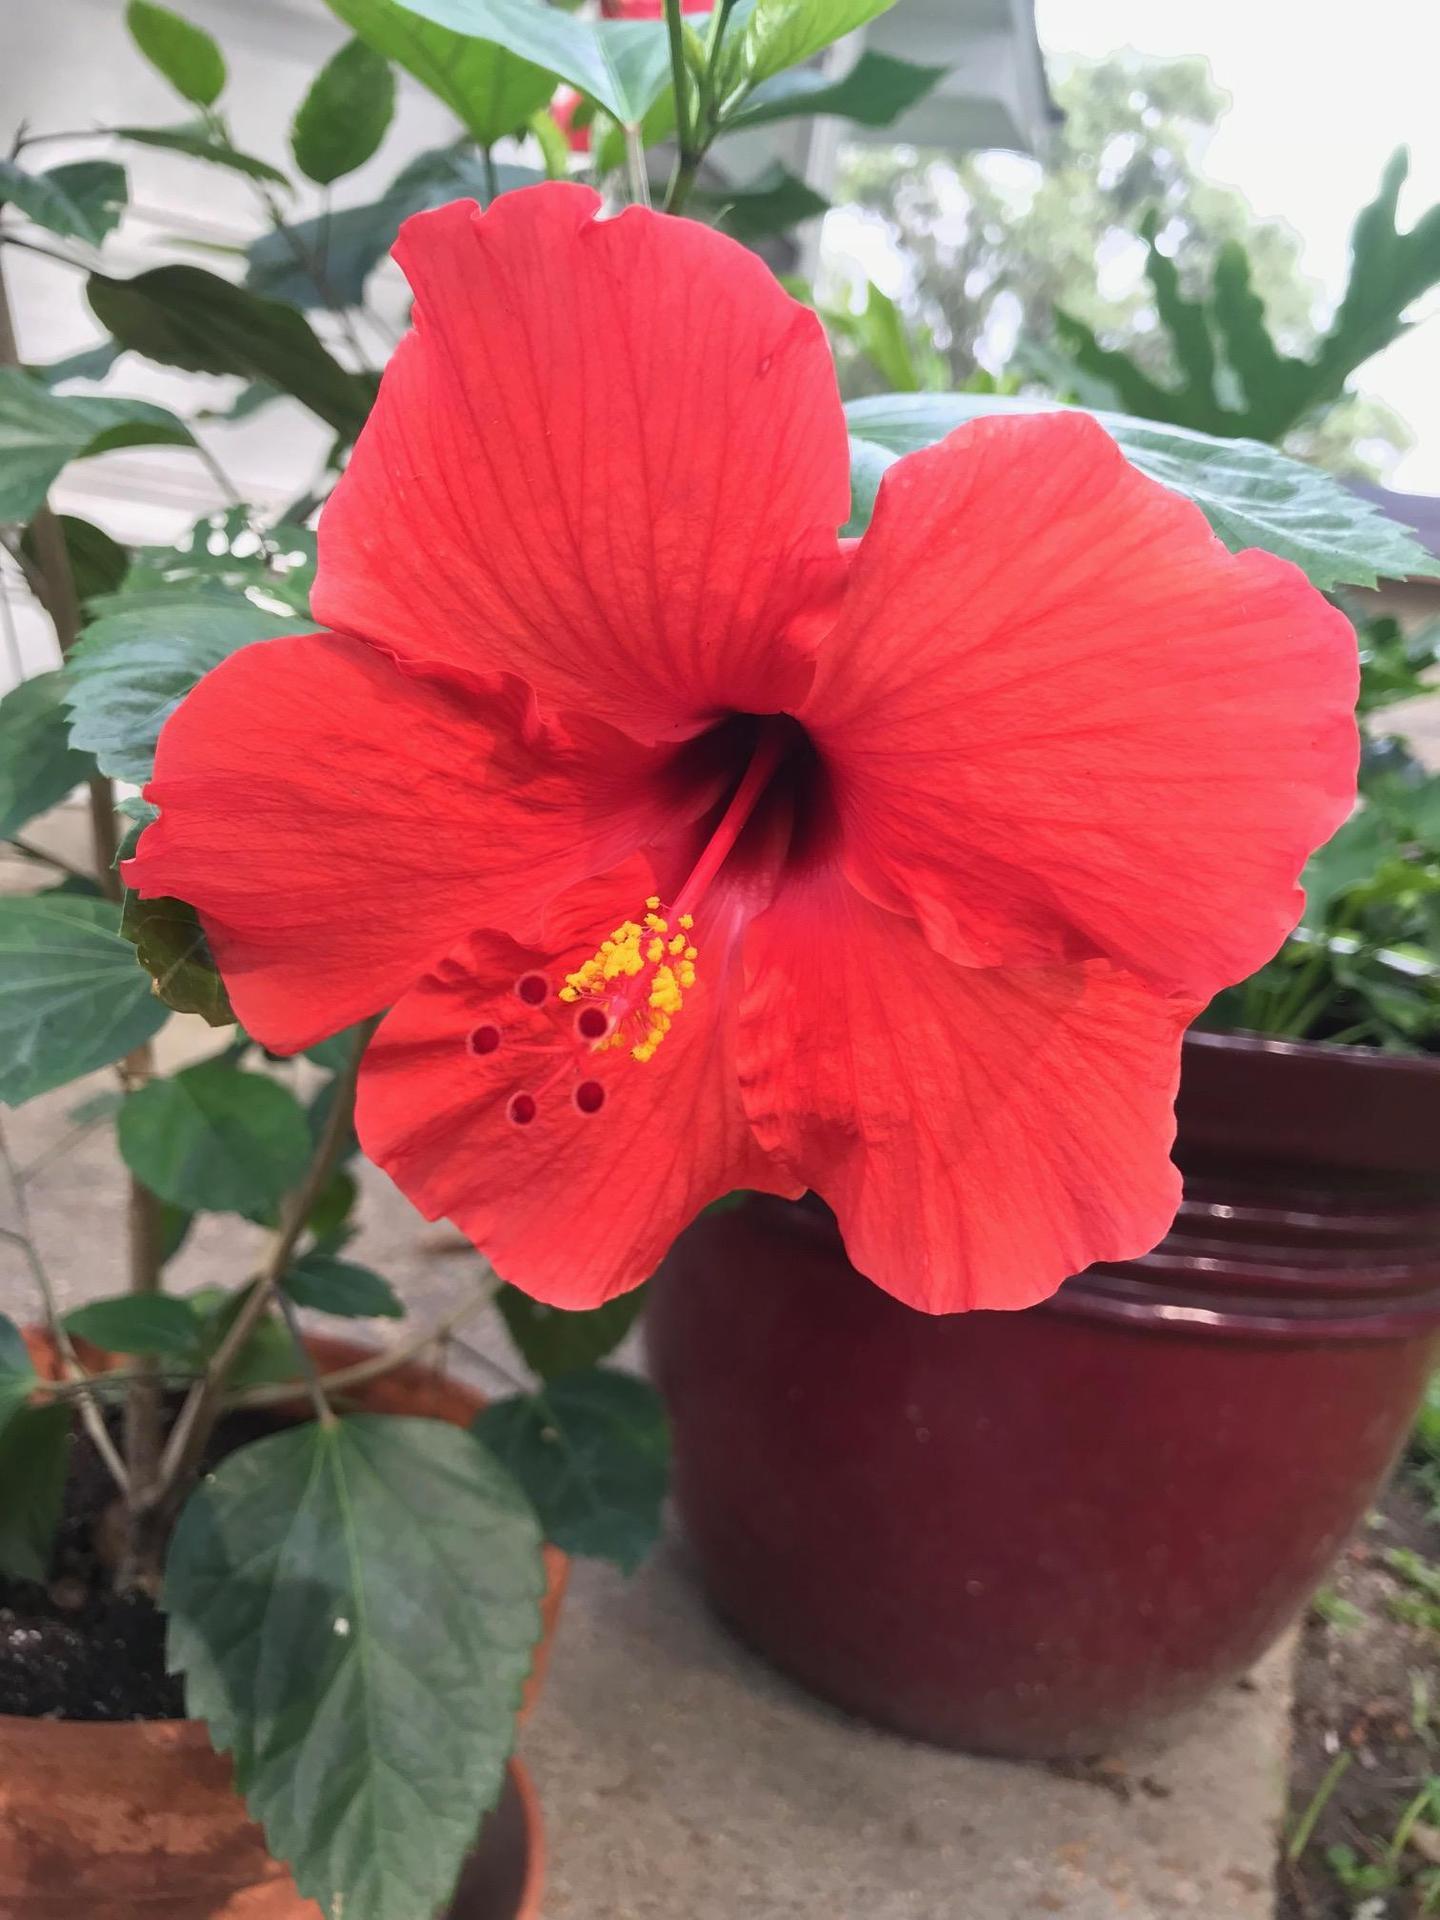 Flowers taken by Rita Brooks